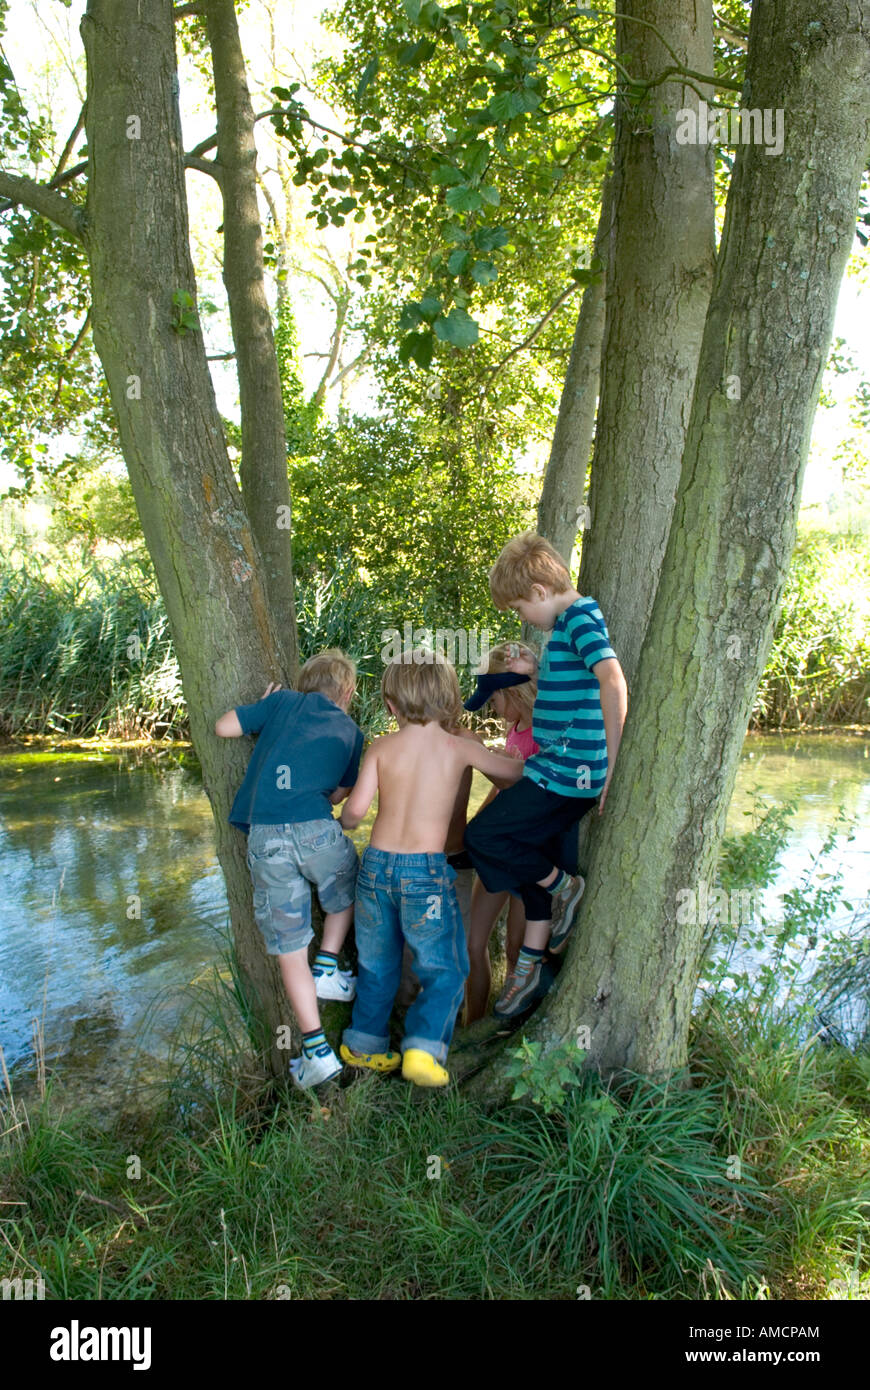 eine Gruppe von Kindern zu sammeln, dazwischen einige Baumstämme vorbei Fluss betrachten Stockbild